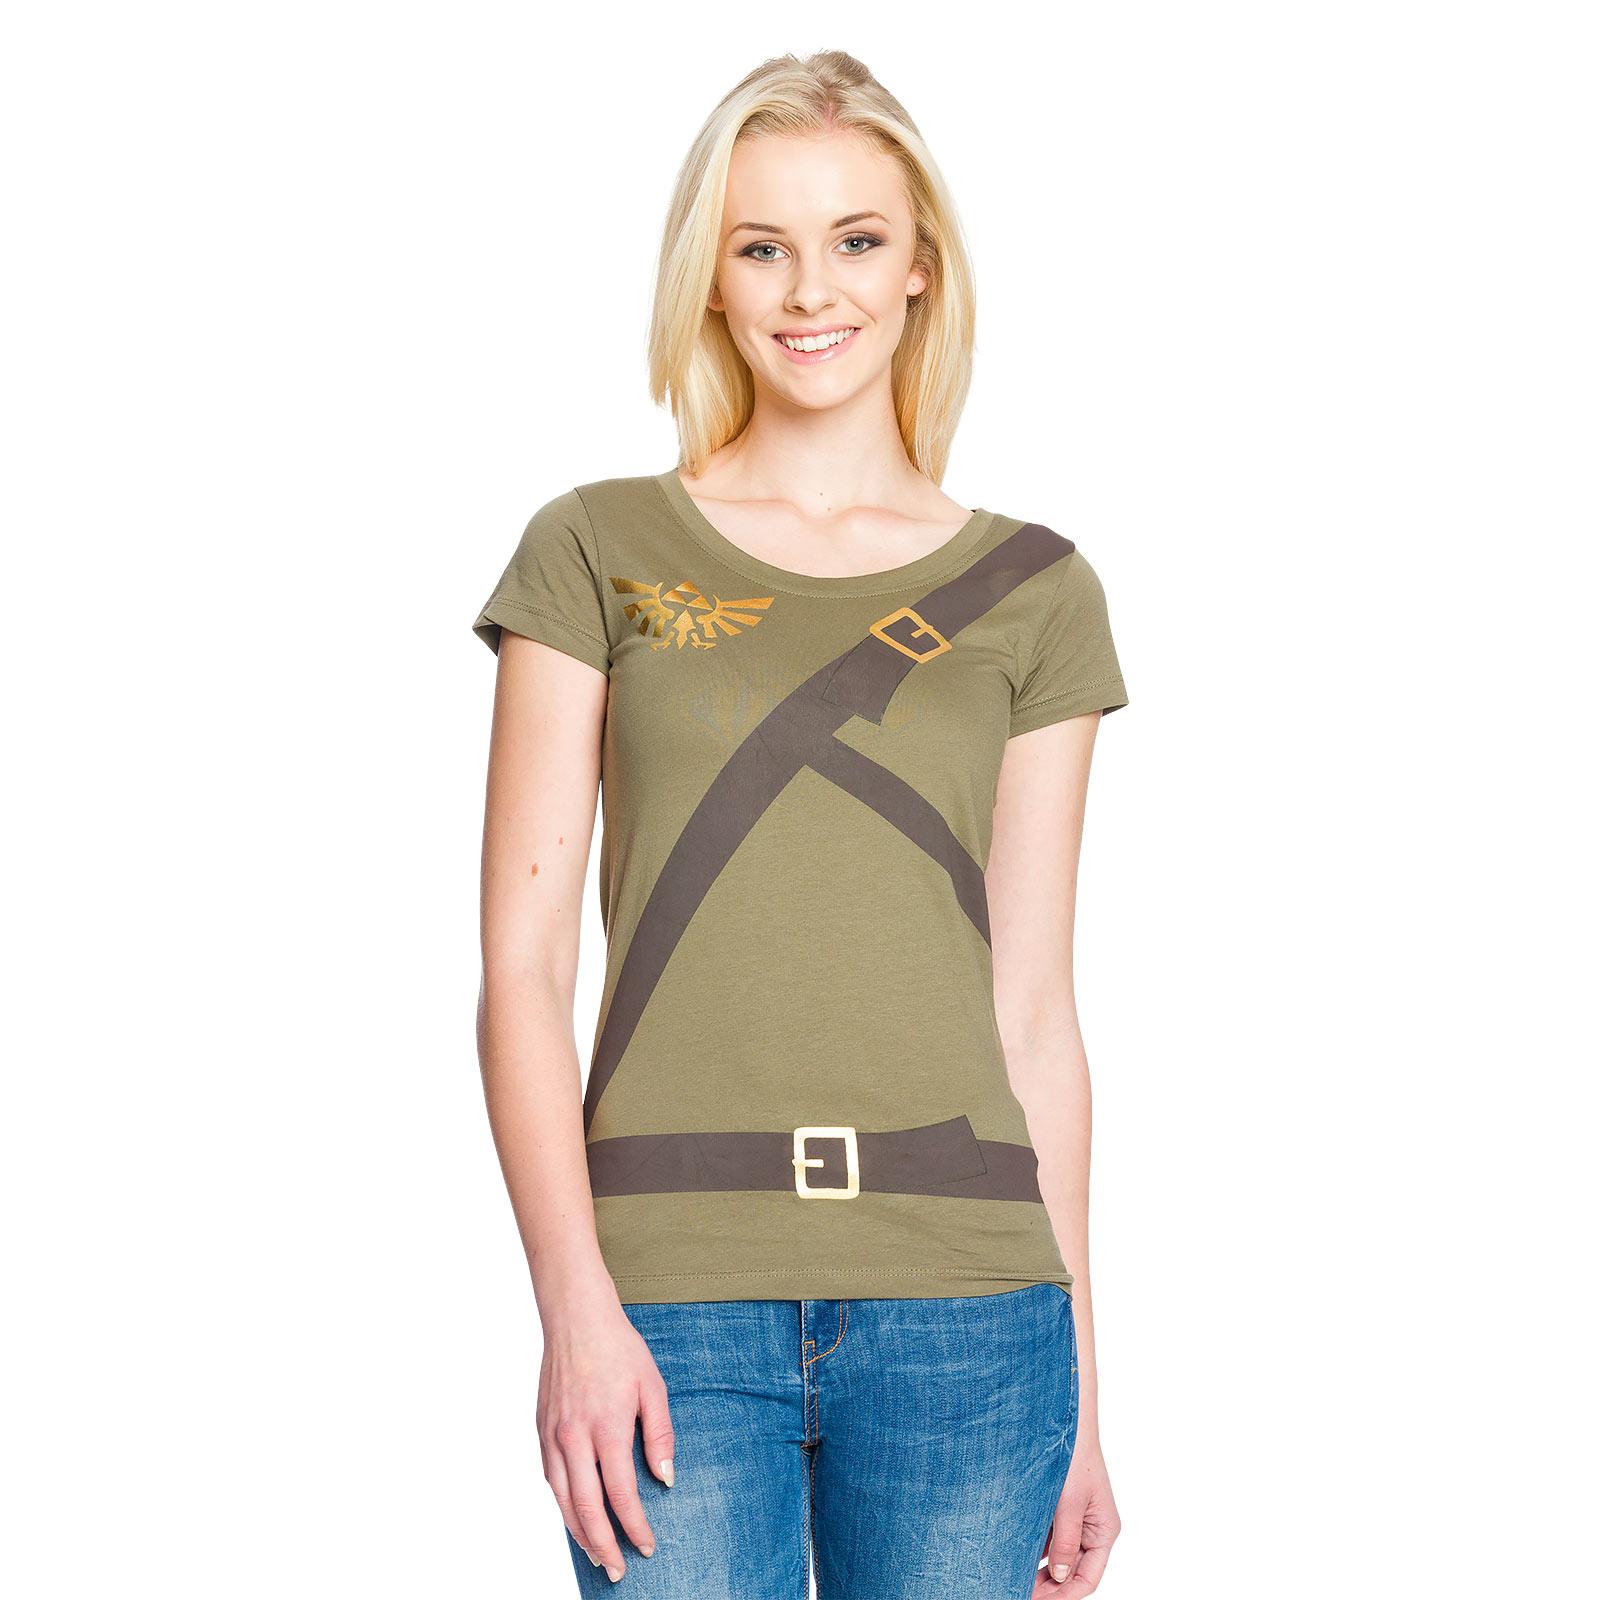 Zelda - Link Cosplay Girlie Shirt oliv